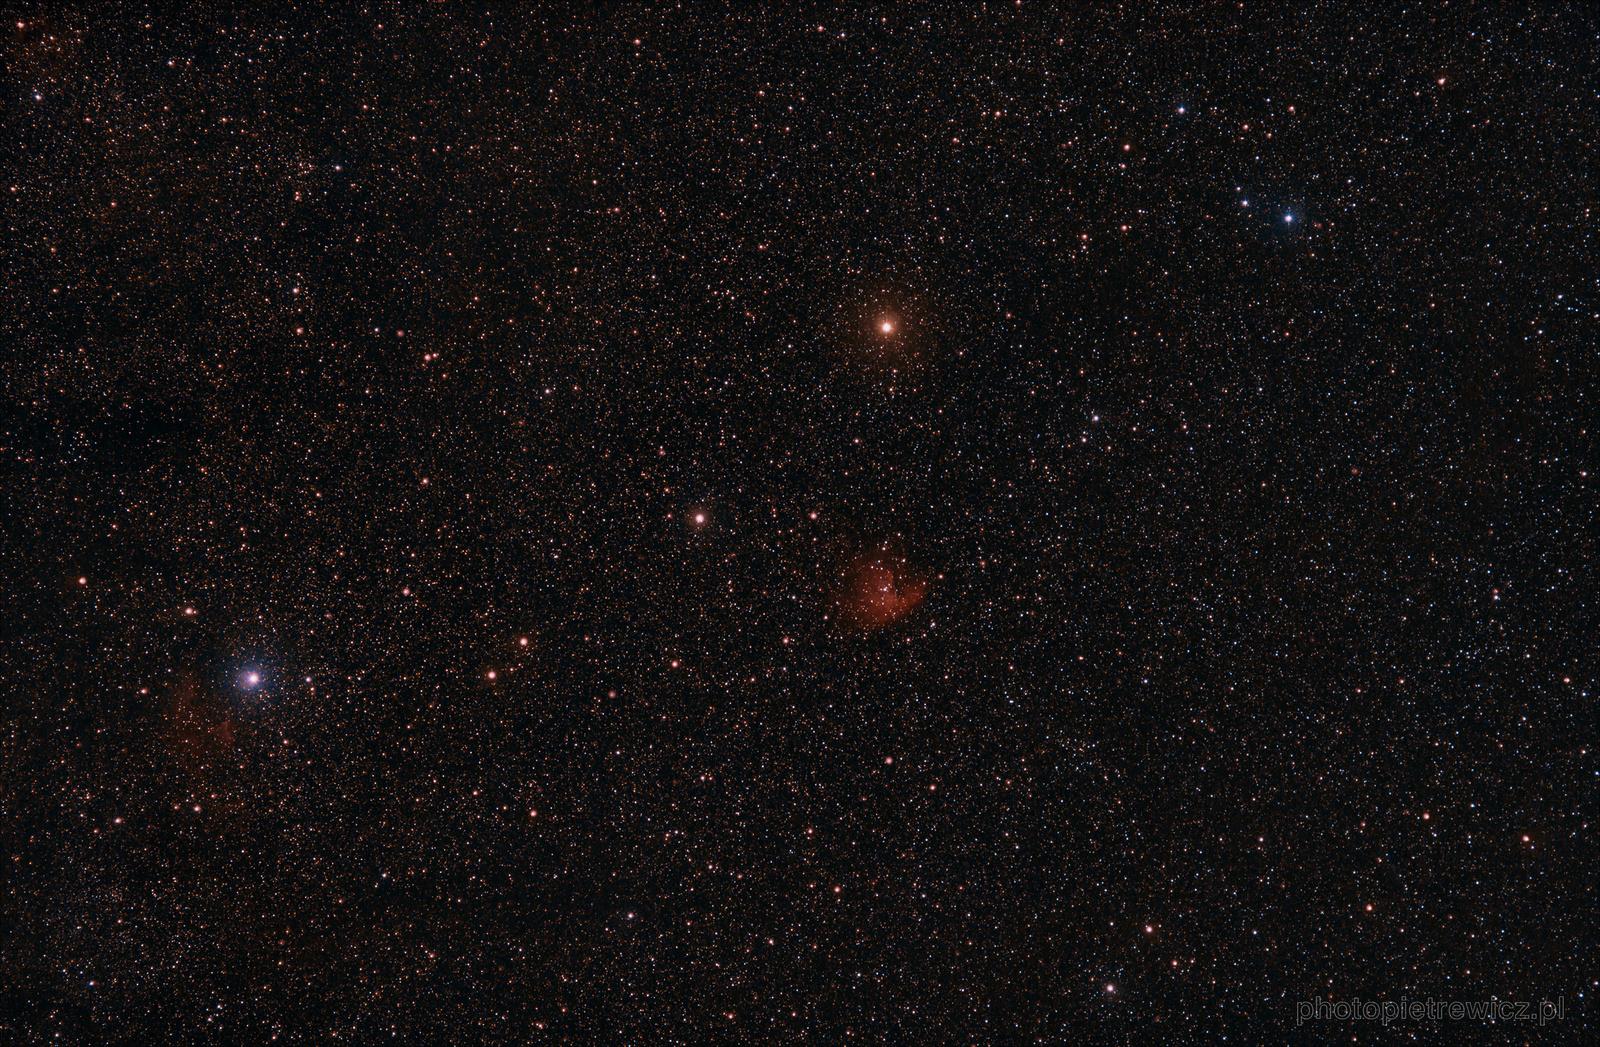 Pacman_and_y_Cas_nebula.thumb.jpg.7455ee0883cee7ddd08cf3850b7f51a4.jpg